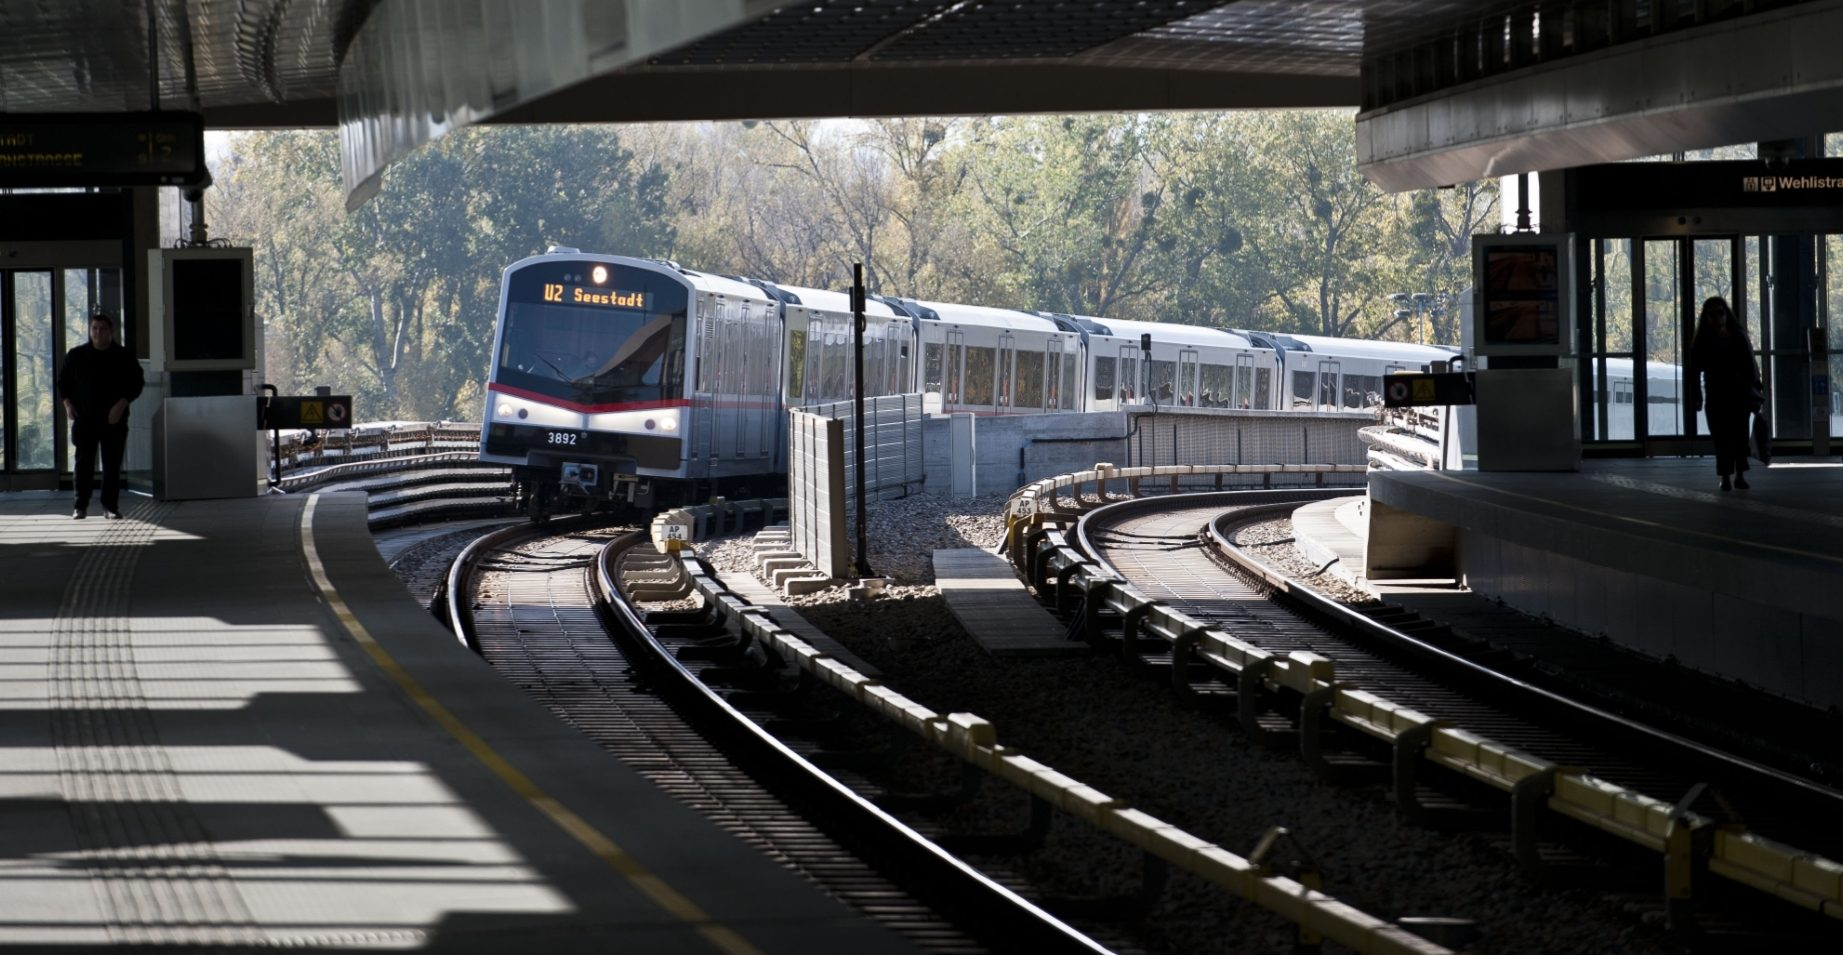 azijski javni vlak za vlakove ogromna grupna orgija